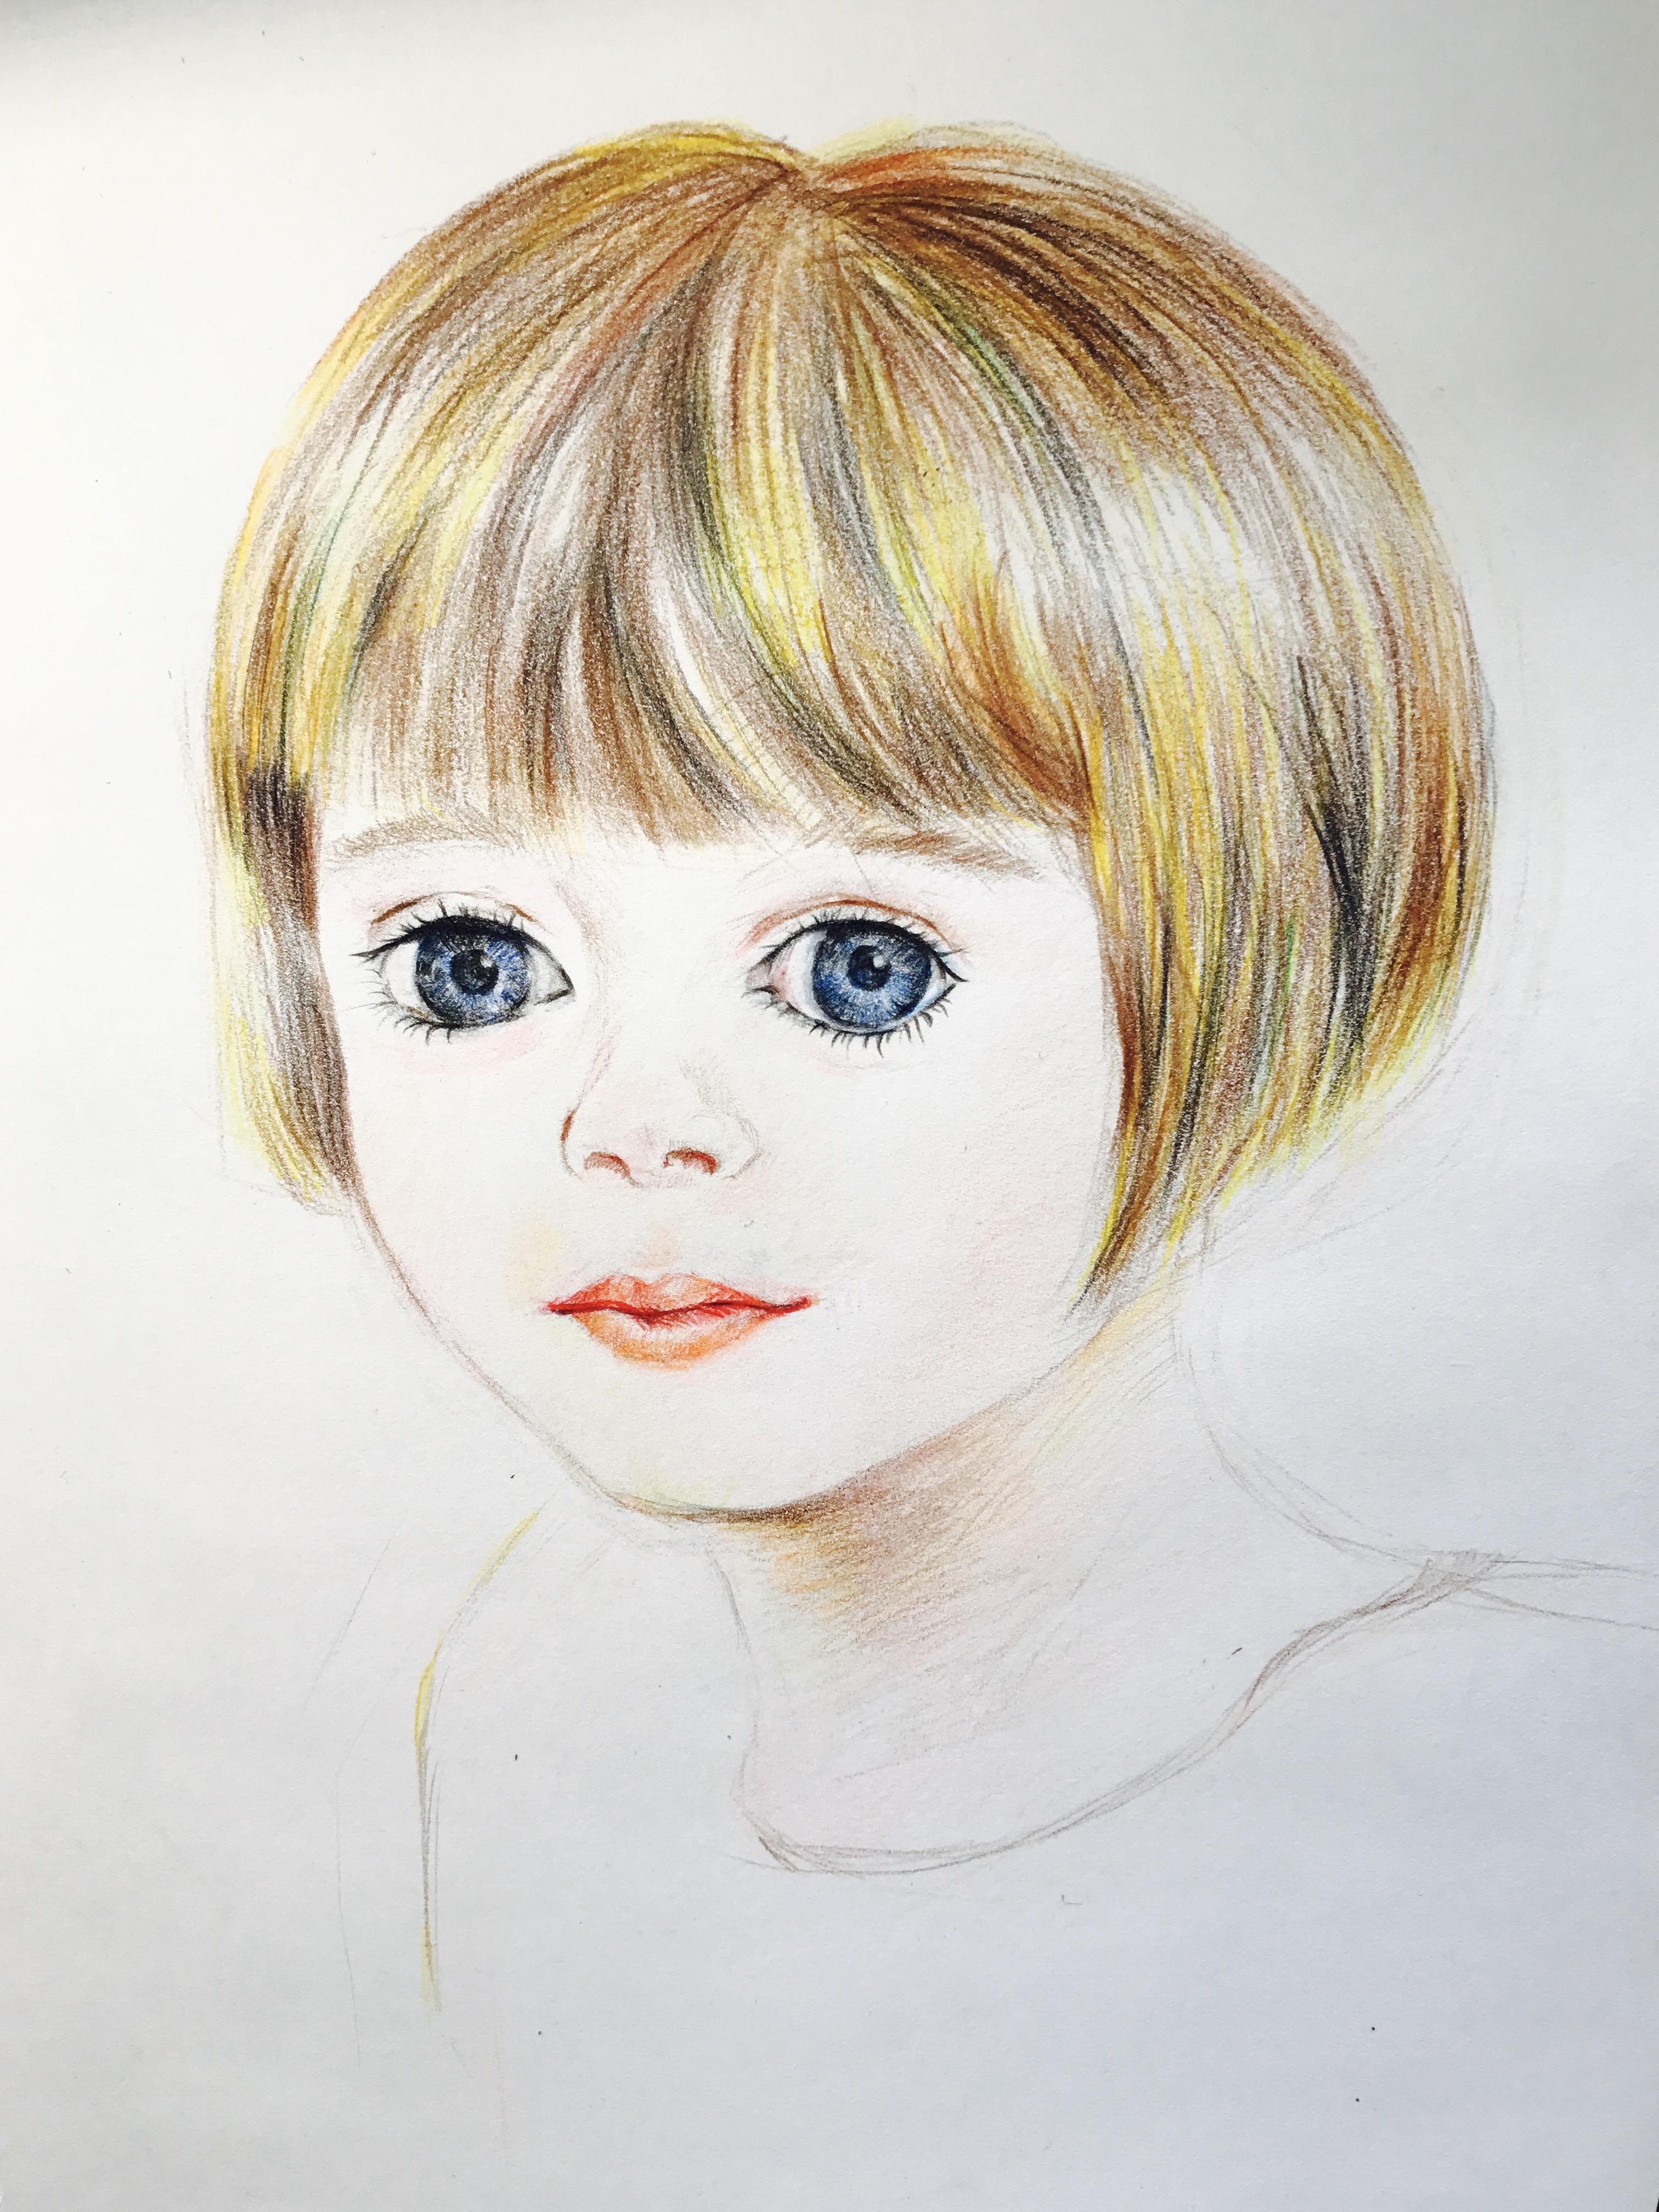 彩铅手绘女孩头像_发型设计